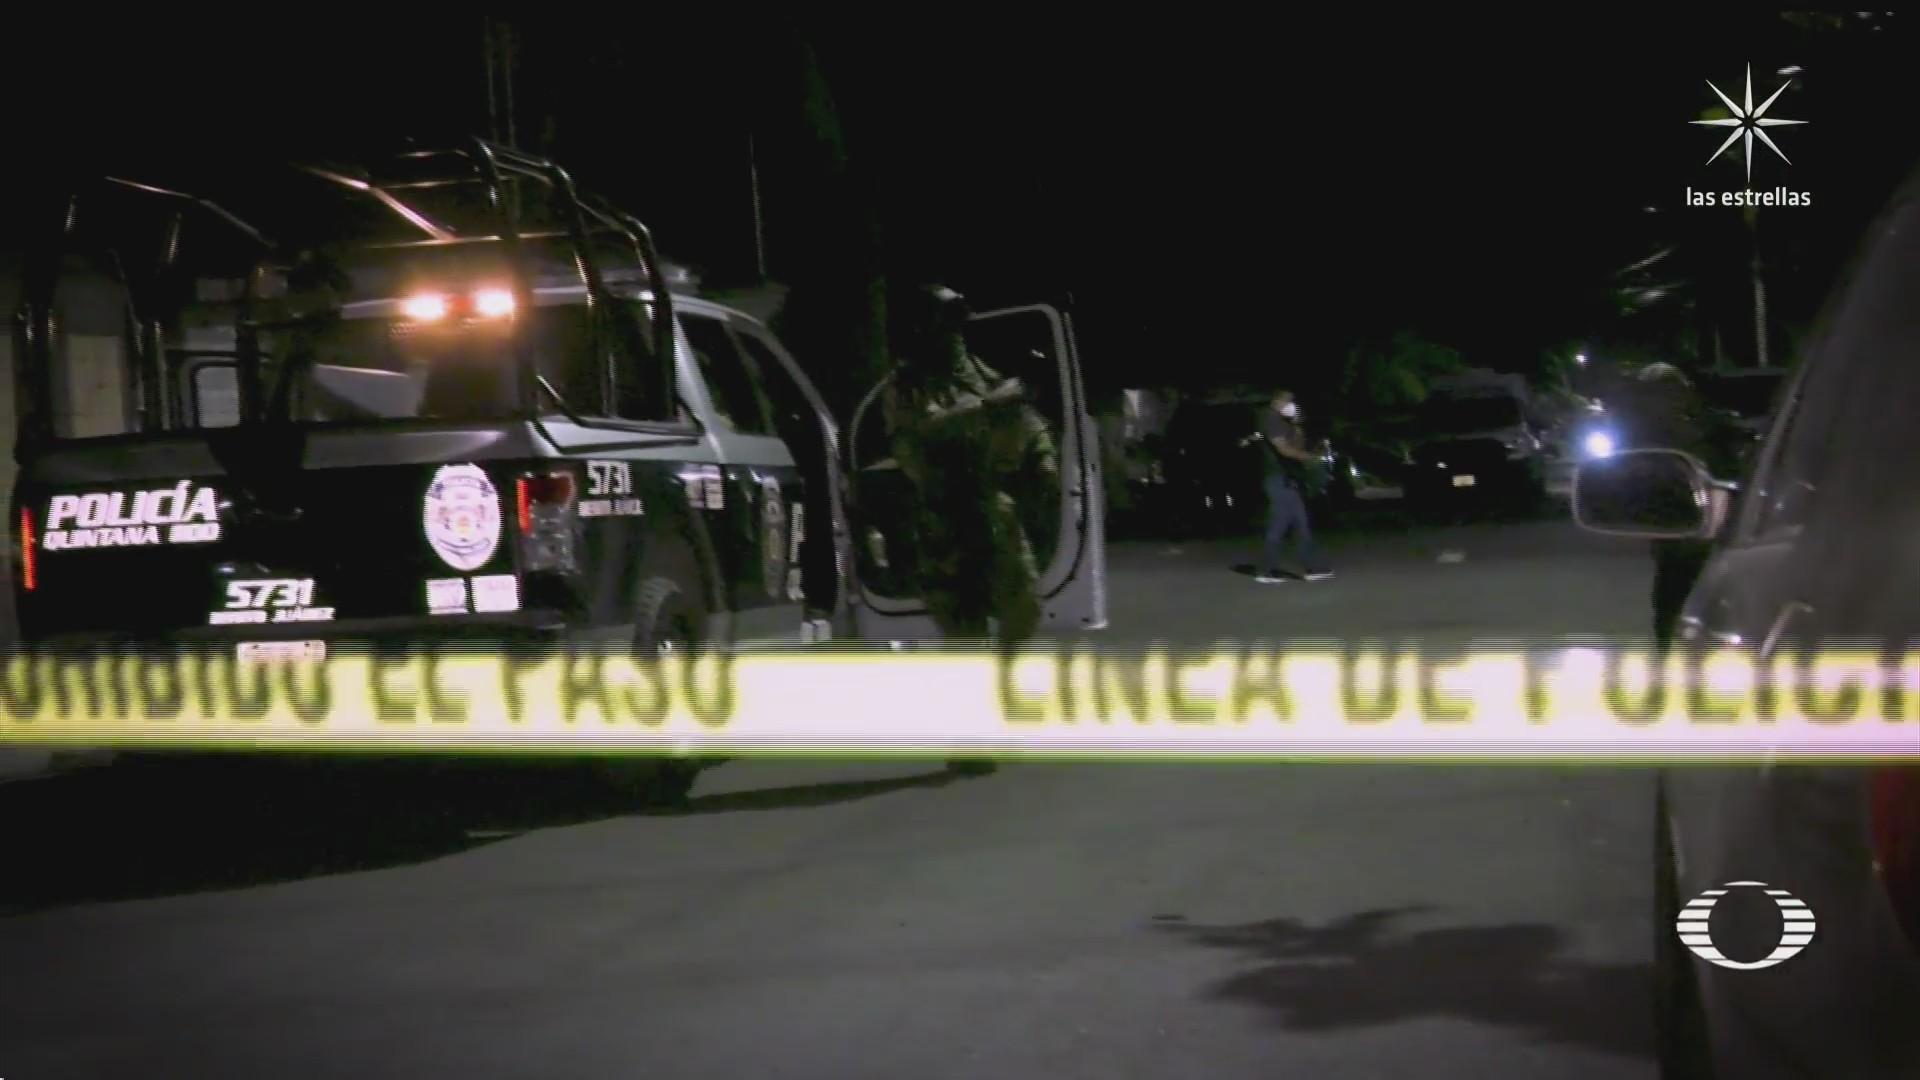 cjng intimida a periodistas en cancun quintana roo